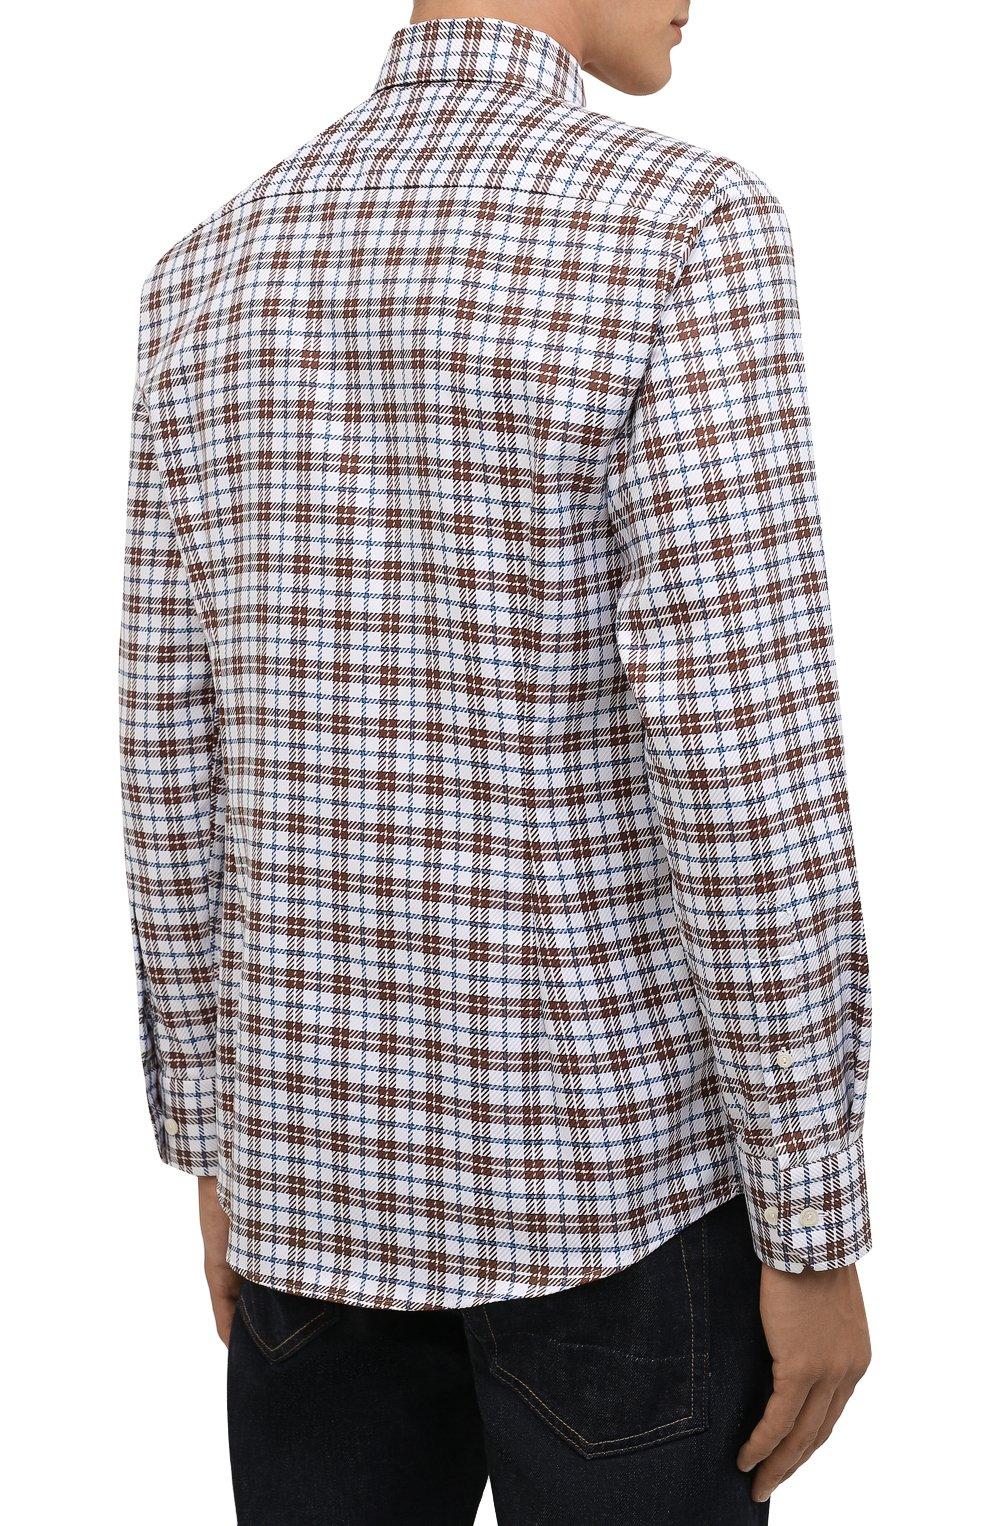 Мужская хлопковая рубашка ETON темно-коричневого цвета, арт. 1000 03090 | Фото 4 (Манжеты: На пуговицах; Принт: Клетка; Рукава: Длинные; Воротник: Акула; Случай: Повседневный; Длина (для топов): Стандартные; Рубашки М: Slim Fit; Материал внешний: Хлопок; Стили: Кэжуэл)